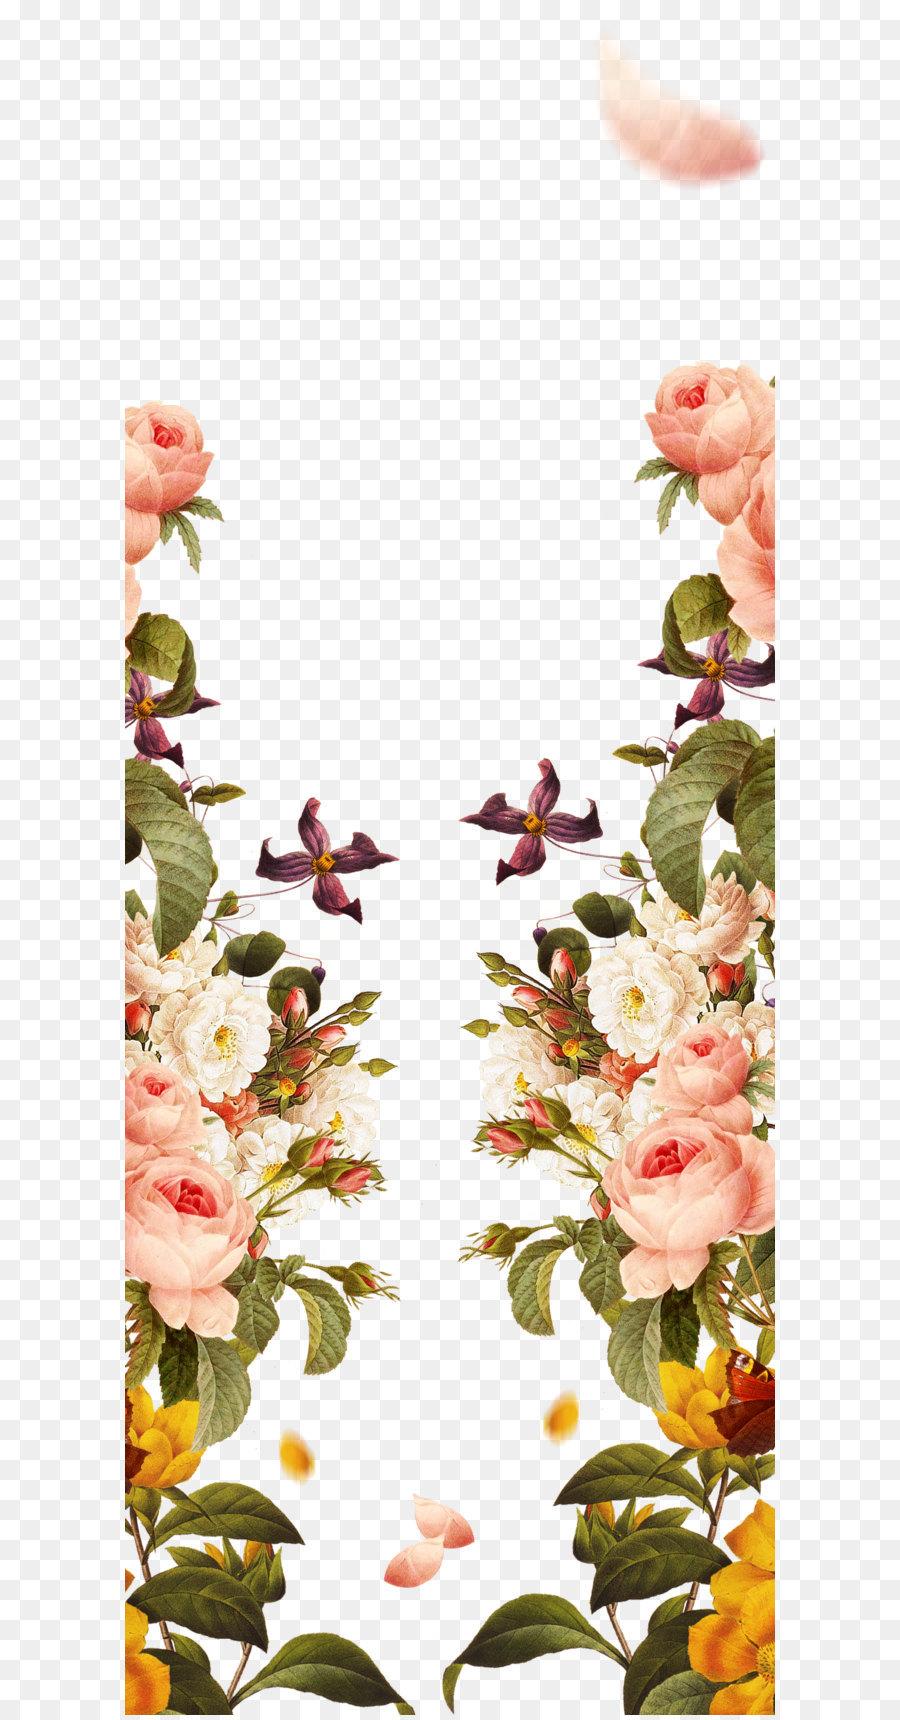 Descarga gratuita de Flor, Rosa, Floral Diseño Imágen de Png